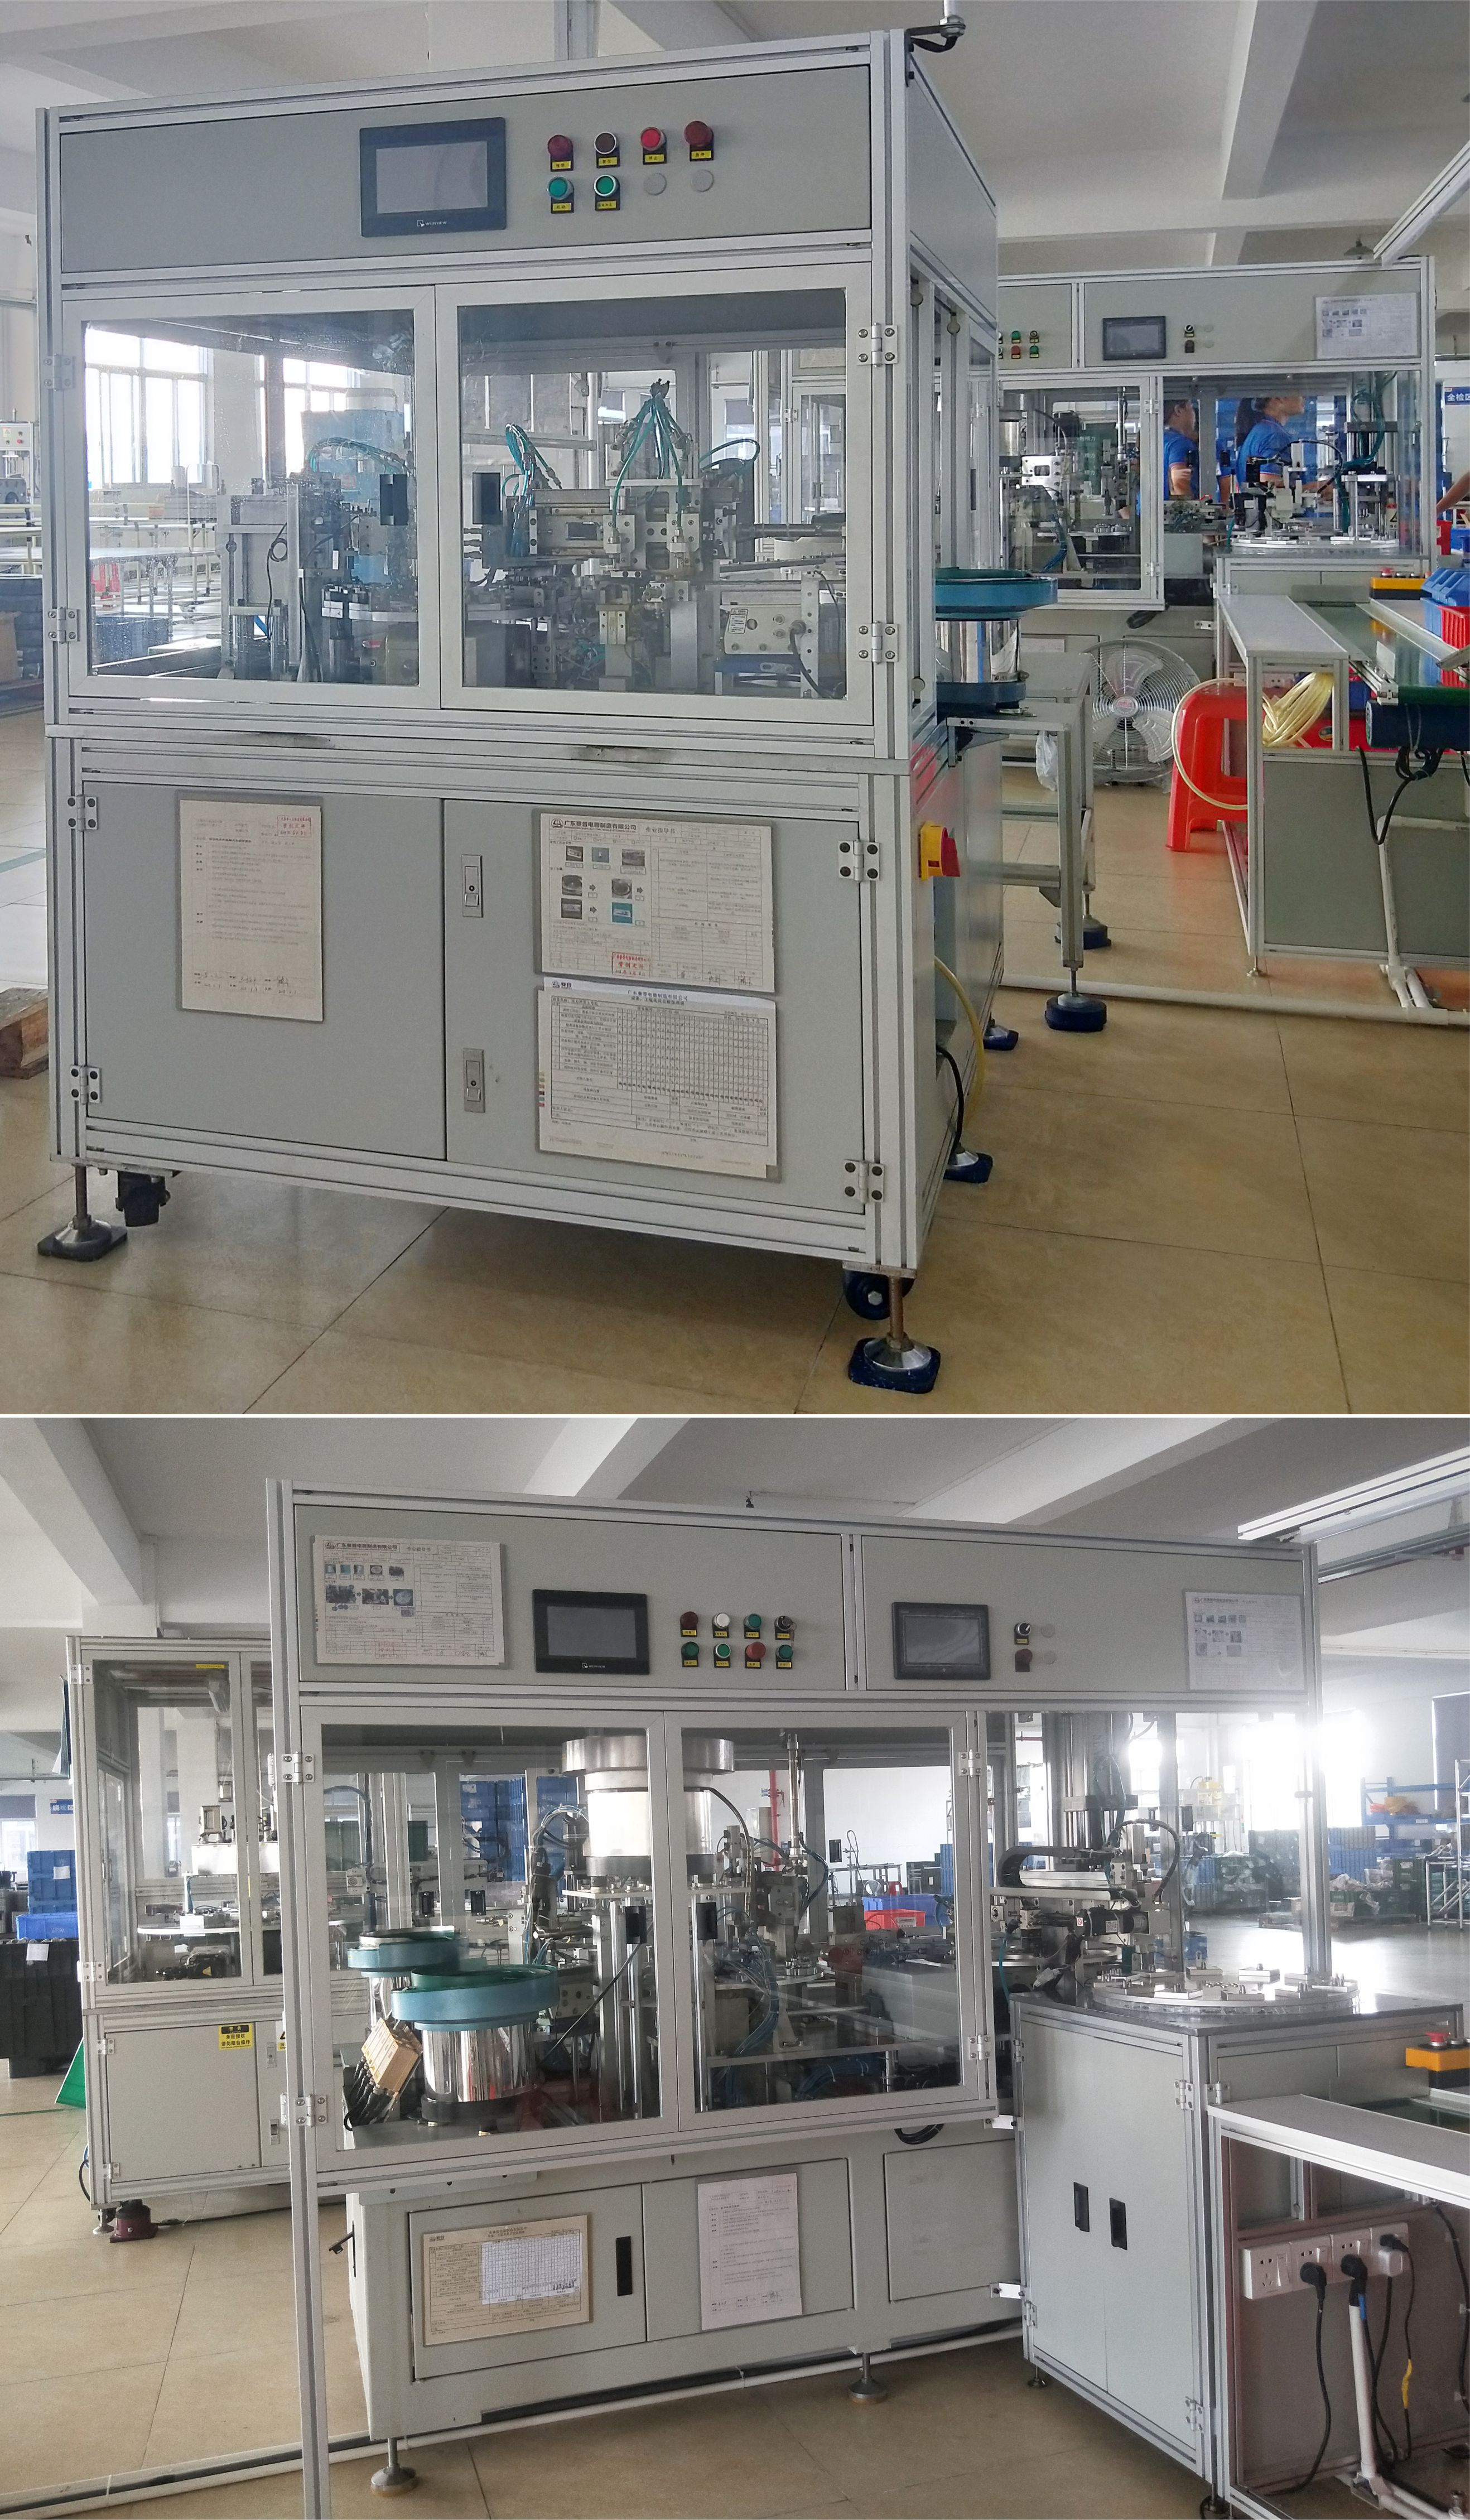 16产品自动组装及生产线-1.jpg